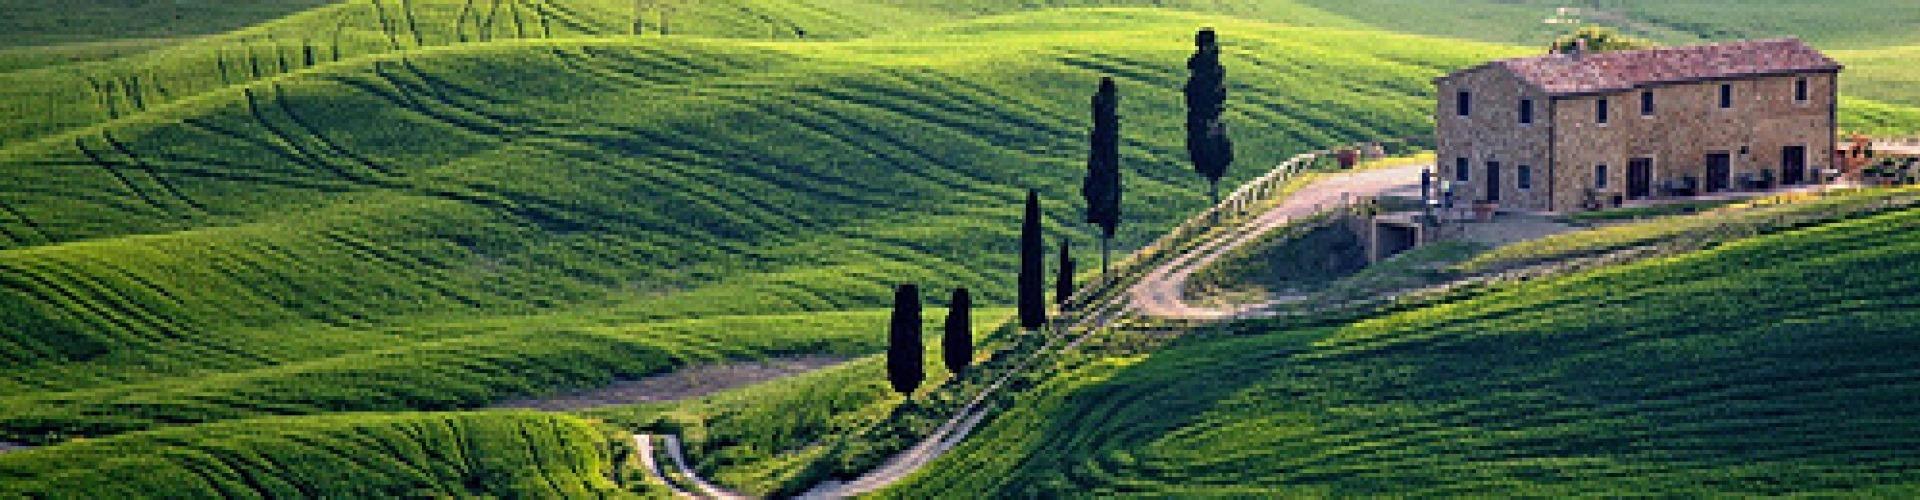 Toscana olajbogyószüretkor